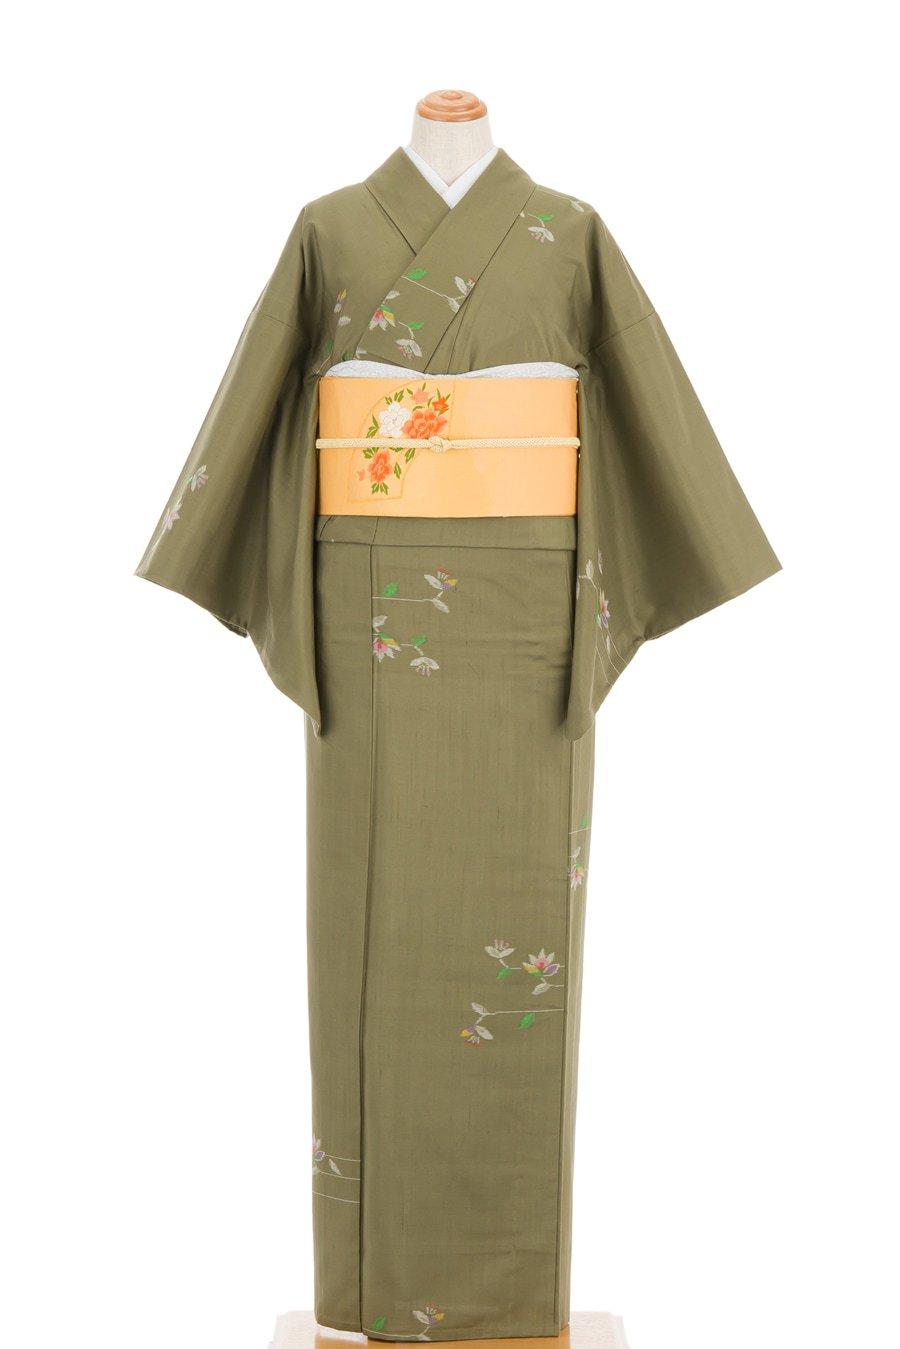 「単衣 紬 横向きの花」の商品画像